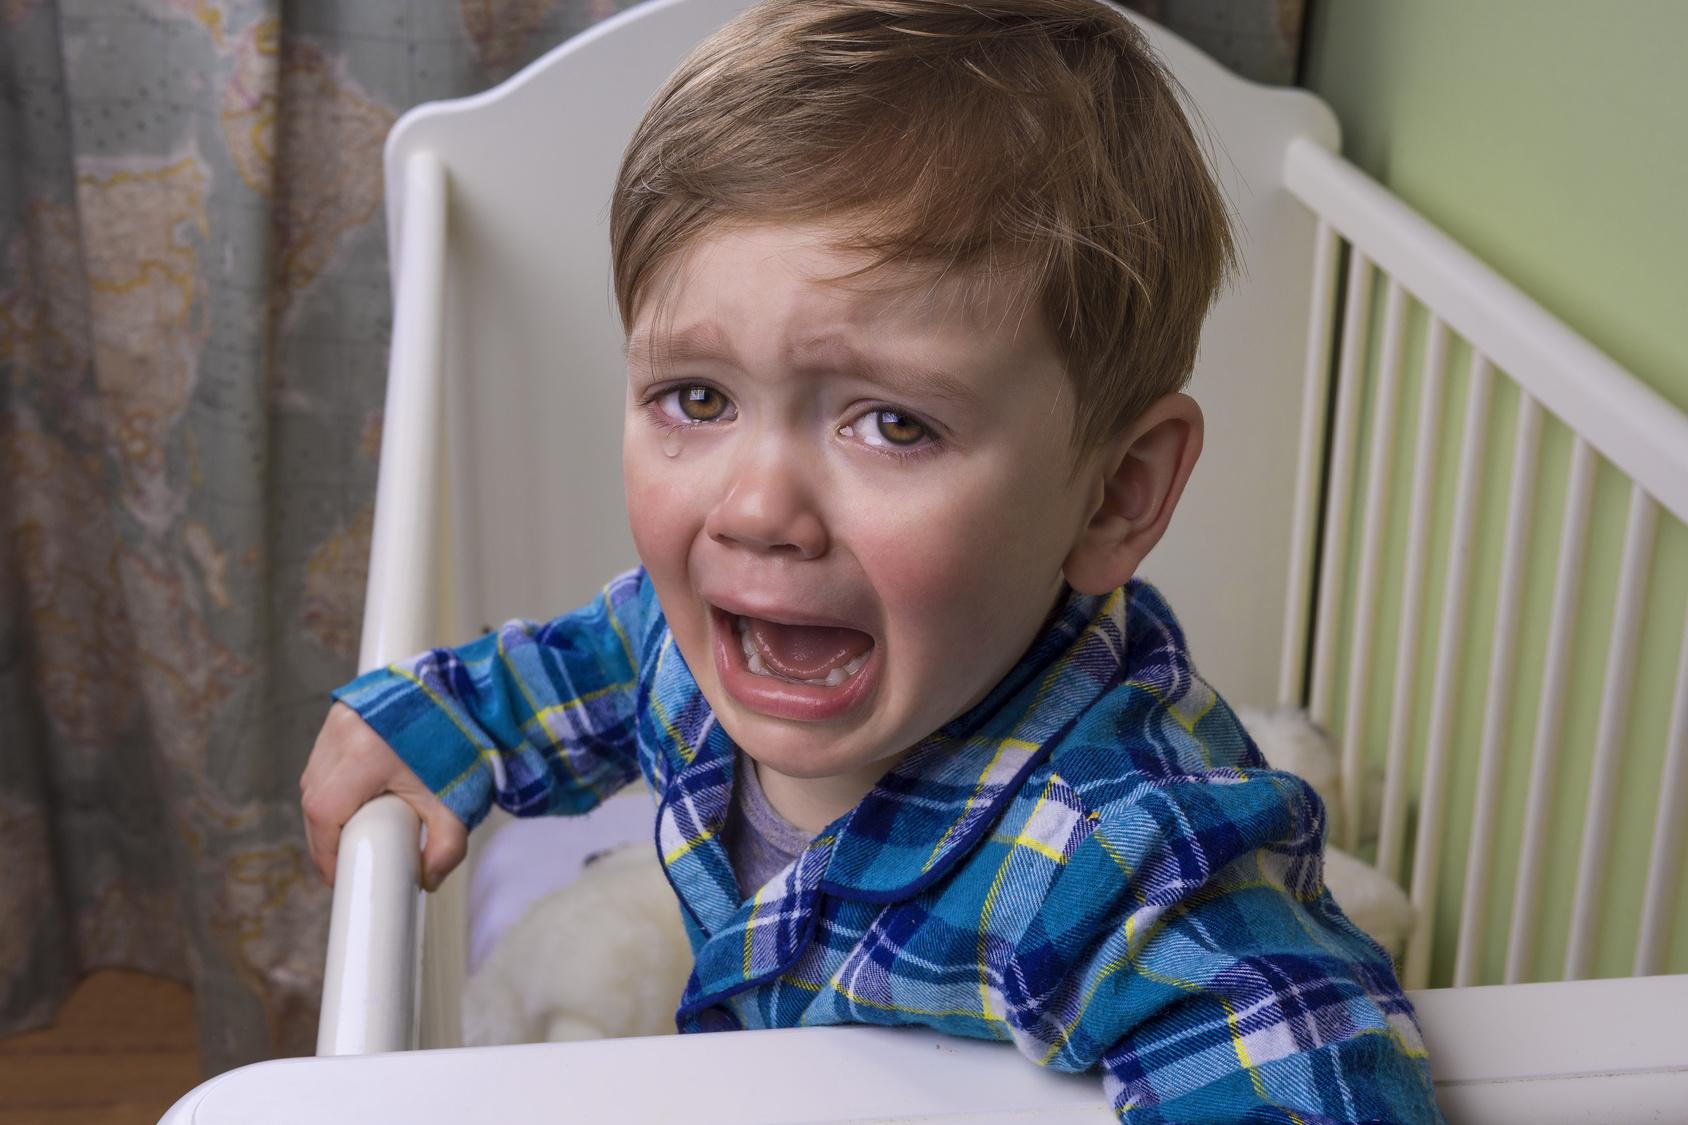 Wer nicht müde ist, kann auch nicht schlafen. Kinder haben unterschiedliche Schlafbedürfnisse. Wenn Eltern darauf eingehen, klappt es mit einer ruhigen Nacht meist eher. (#02)